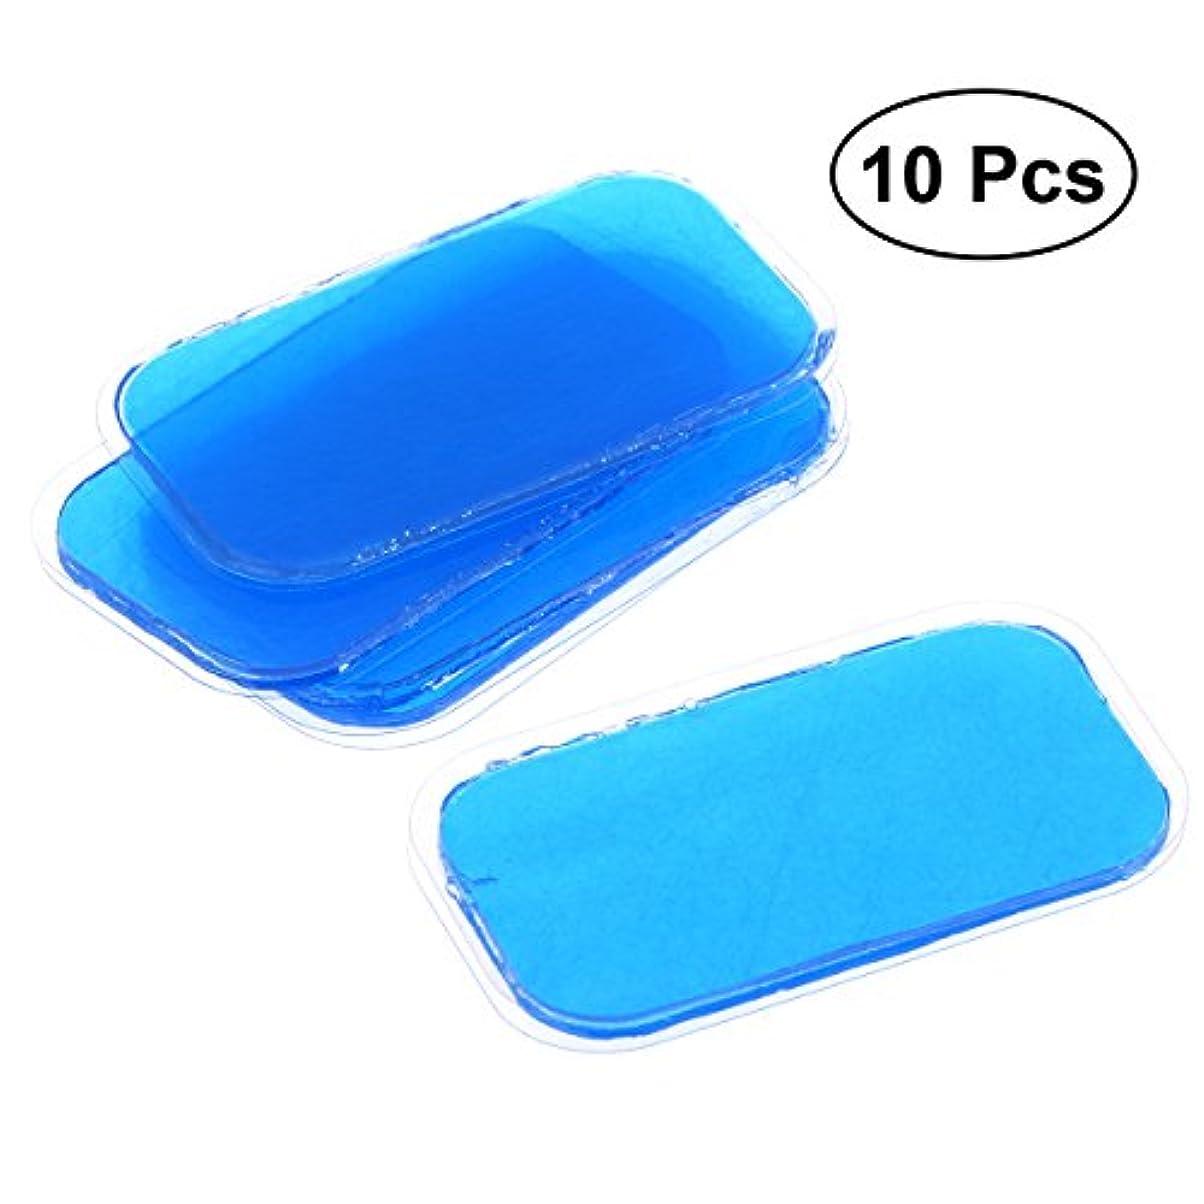 香ばしい定常カメROSENICE 体フィットゲルシートゲルパッチフィットネス用スーパー接着剤刺激ゲル10個